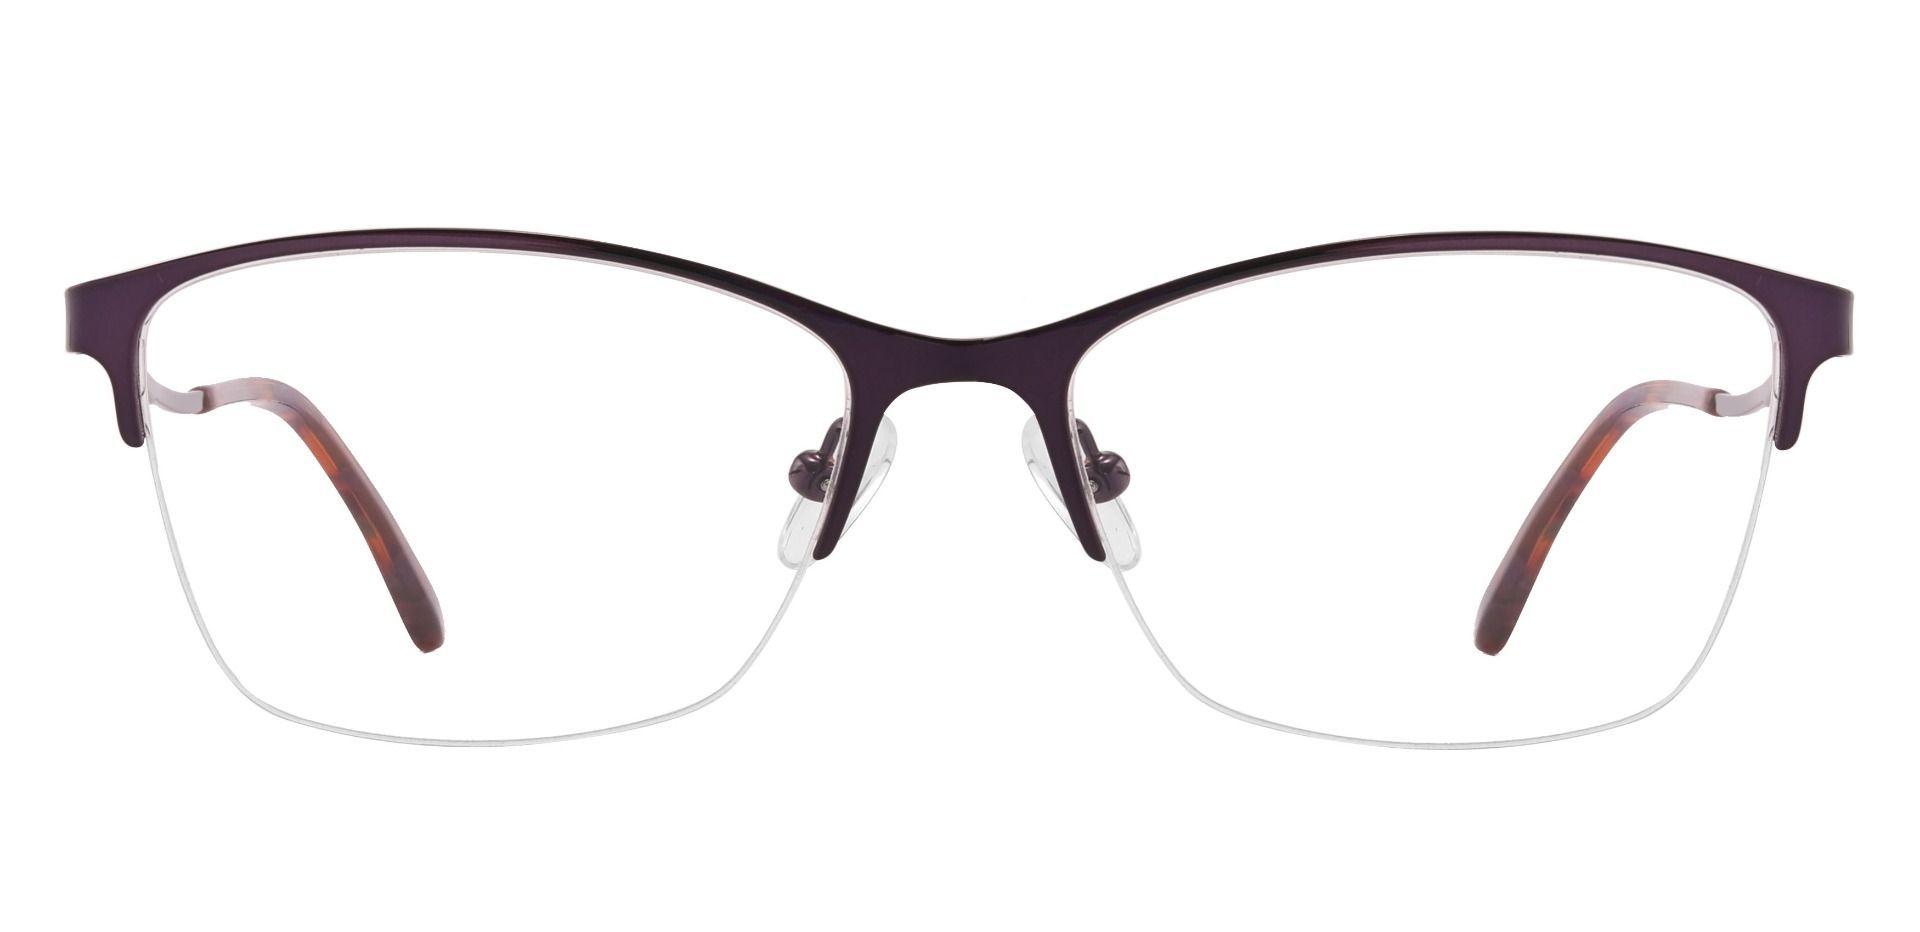 Milan Browline Prescription Glasses - Purple